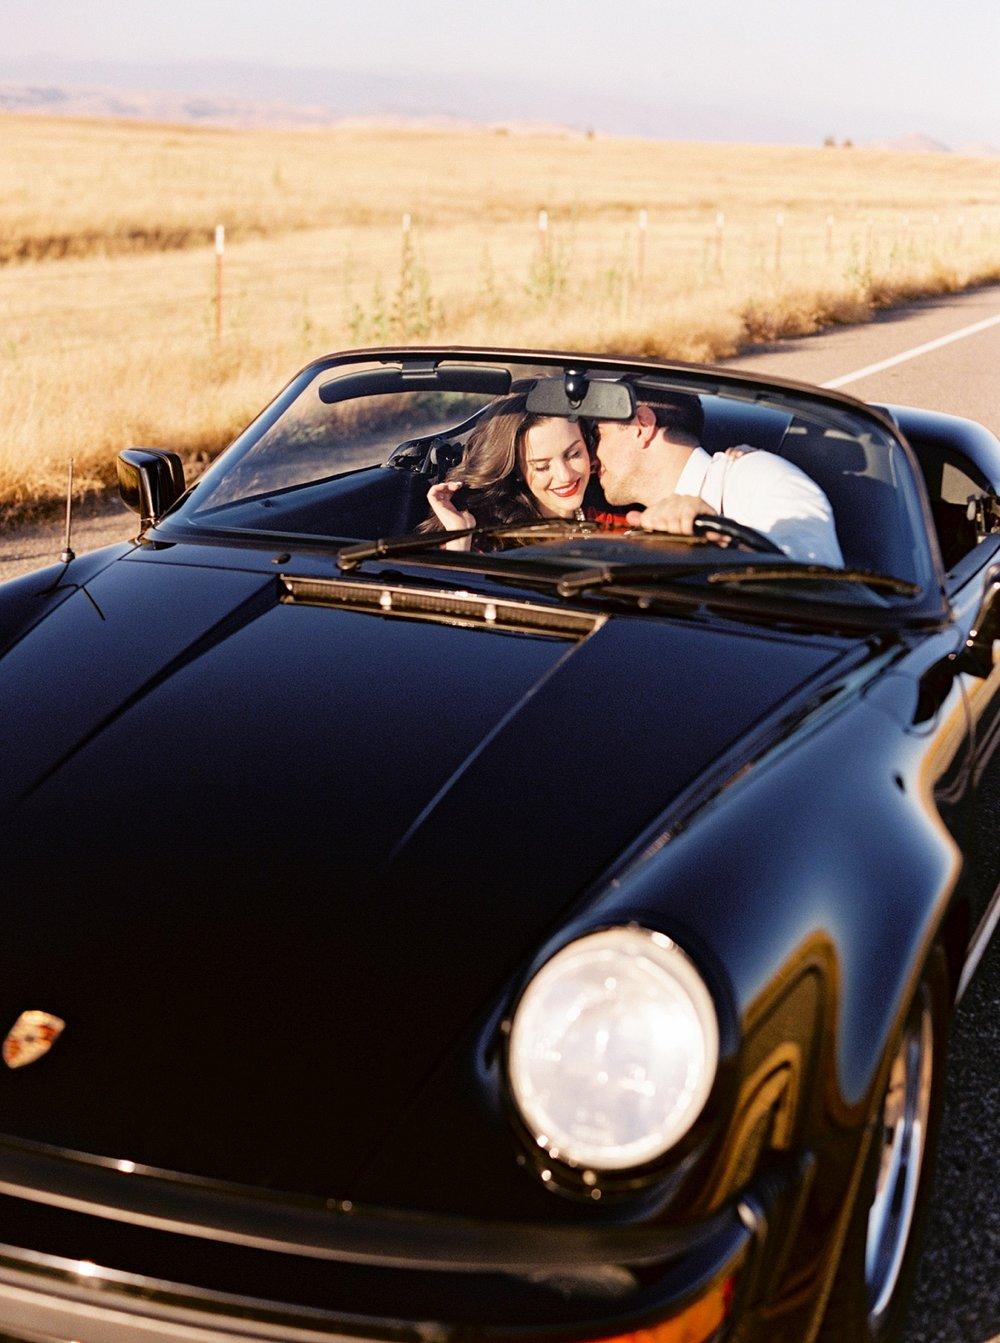 26009_10_sarahwindeckerphotography_californiafineartfilmphotographer.jpg